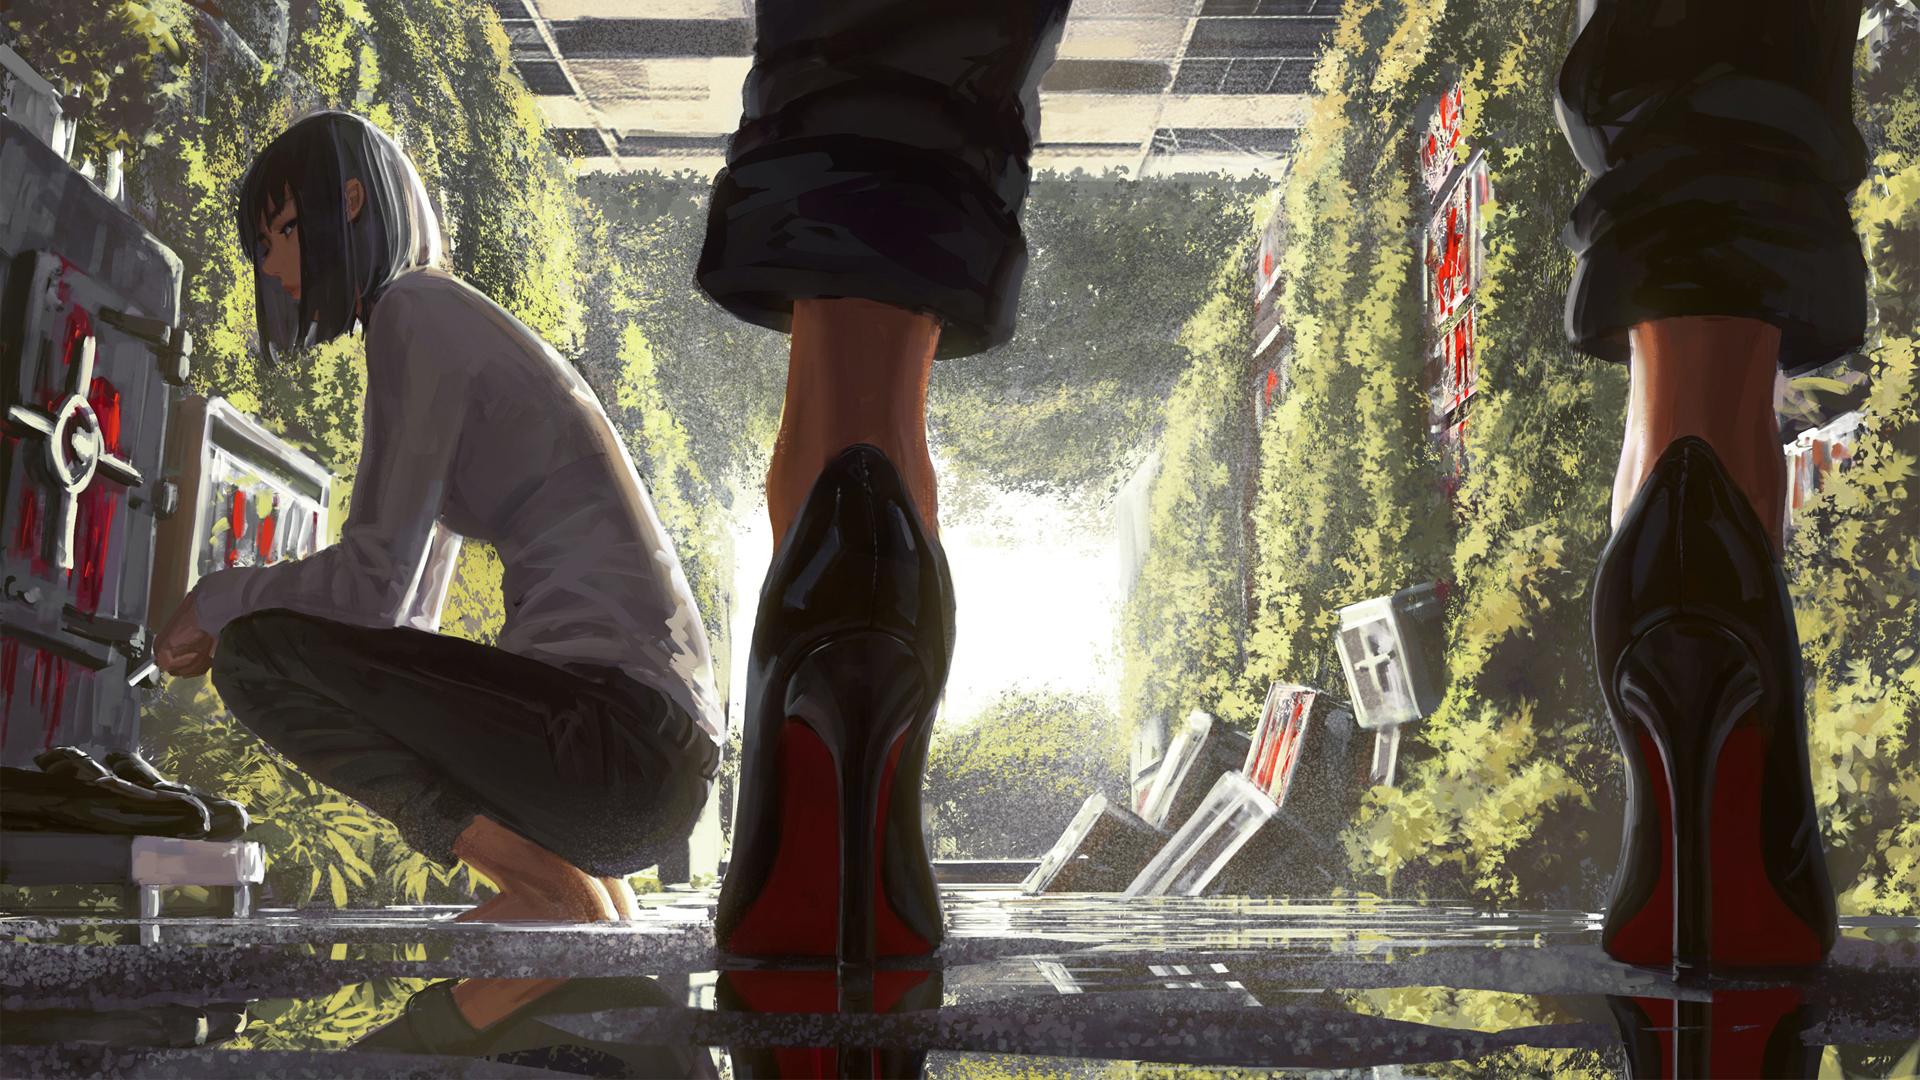 短发女子和穿高跟鞋女子好看二次元动漫壁纸(1920×1080)